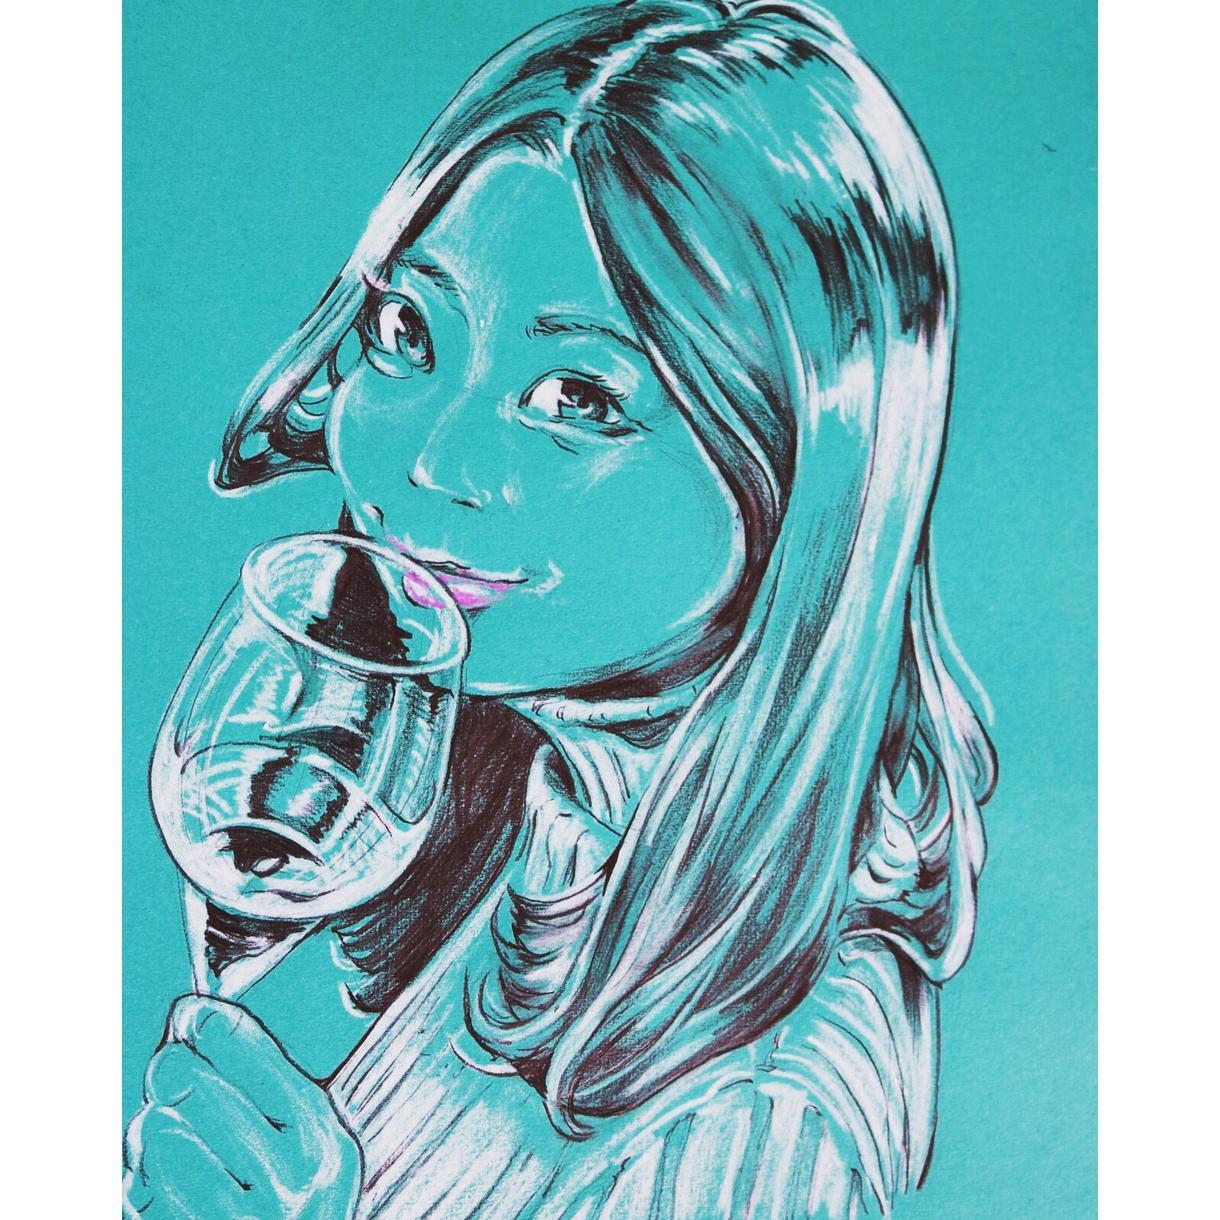 写真をお洒落な似顔絵に!アート風に仕上げます 大切な人への贈り物、SNSアイコン、名刺等に…